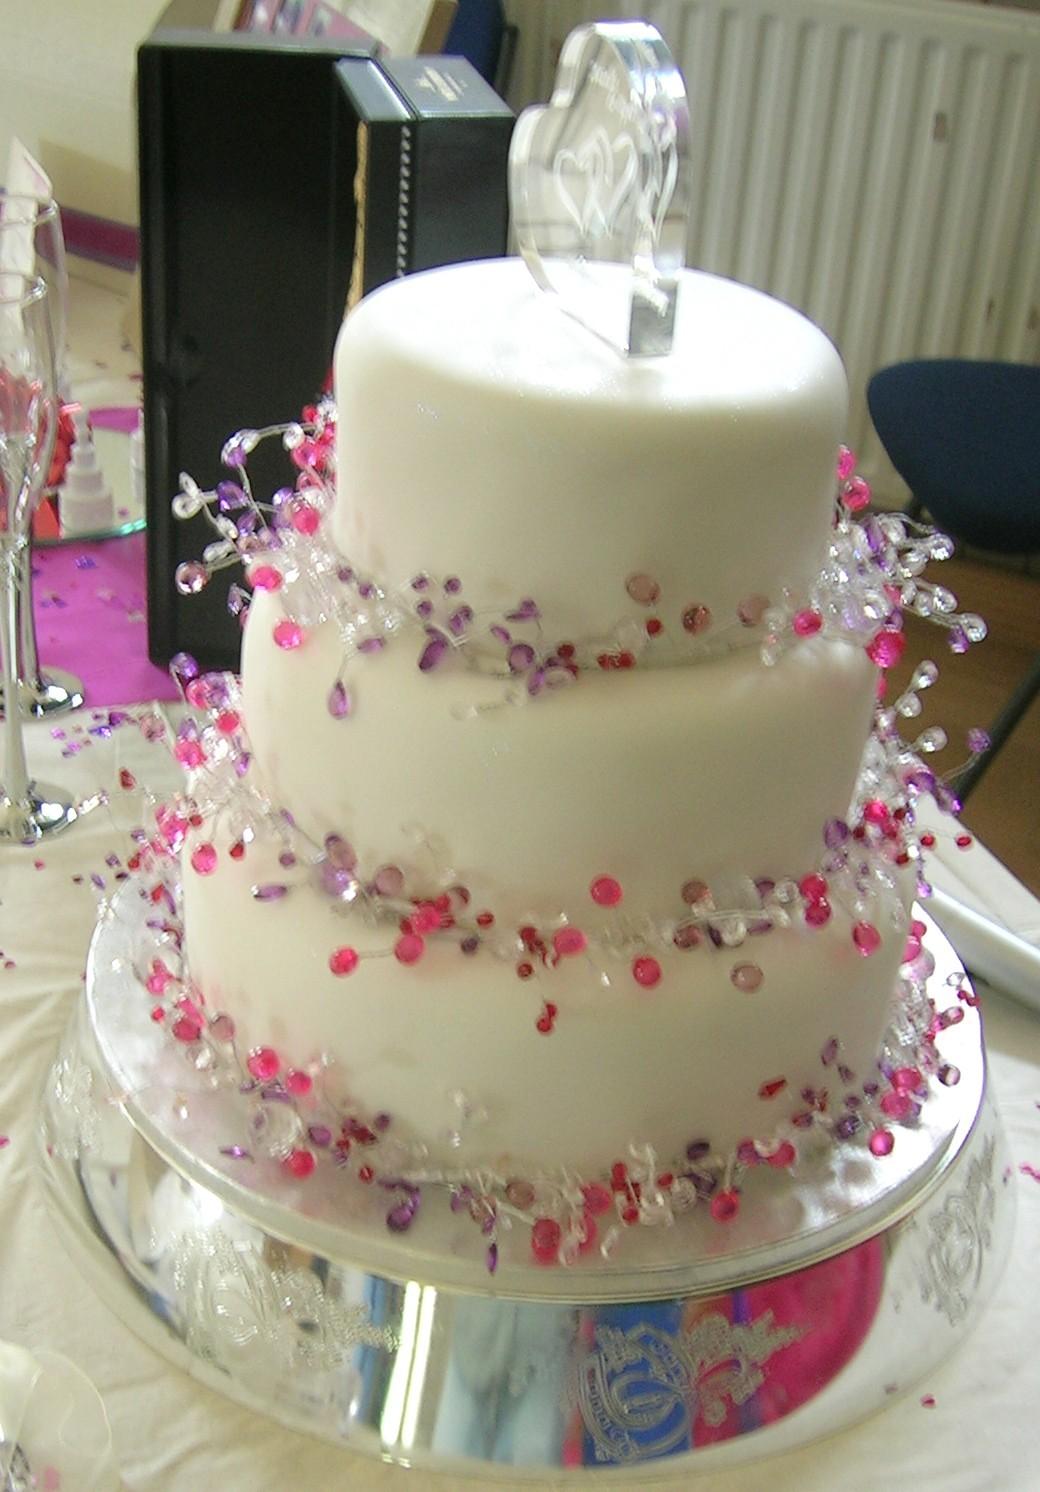 Cake Decorating | heydanixo